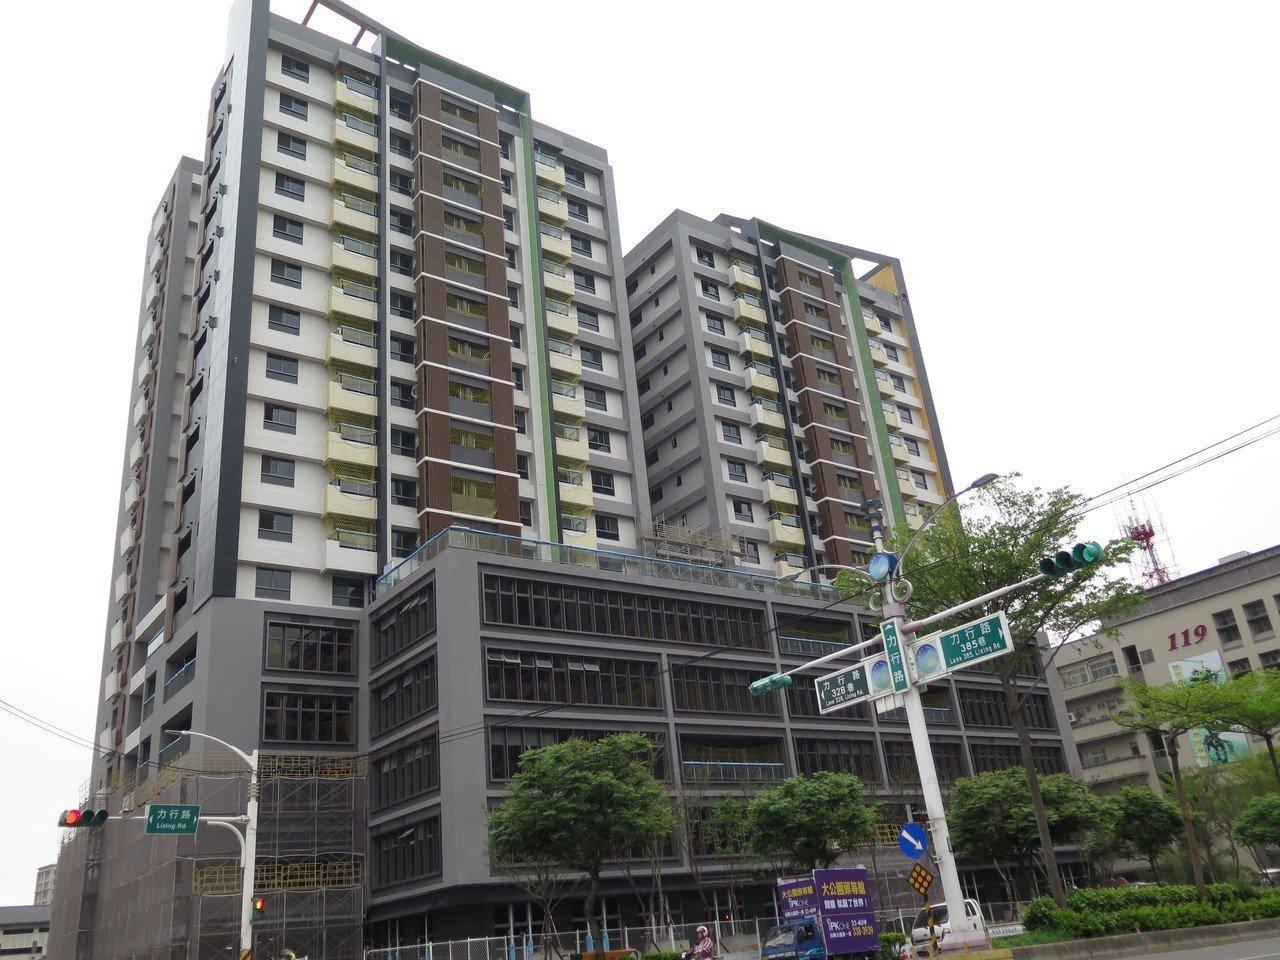 桃園市首間社會住宅中路2號即將完工,已有10戶服務性入住計畫獲選者確定可免抽籤入...